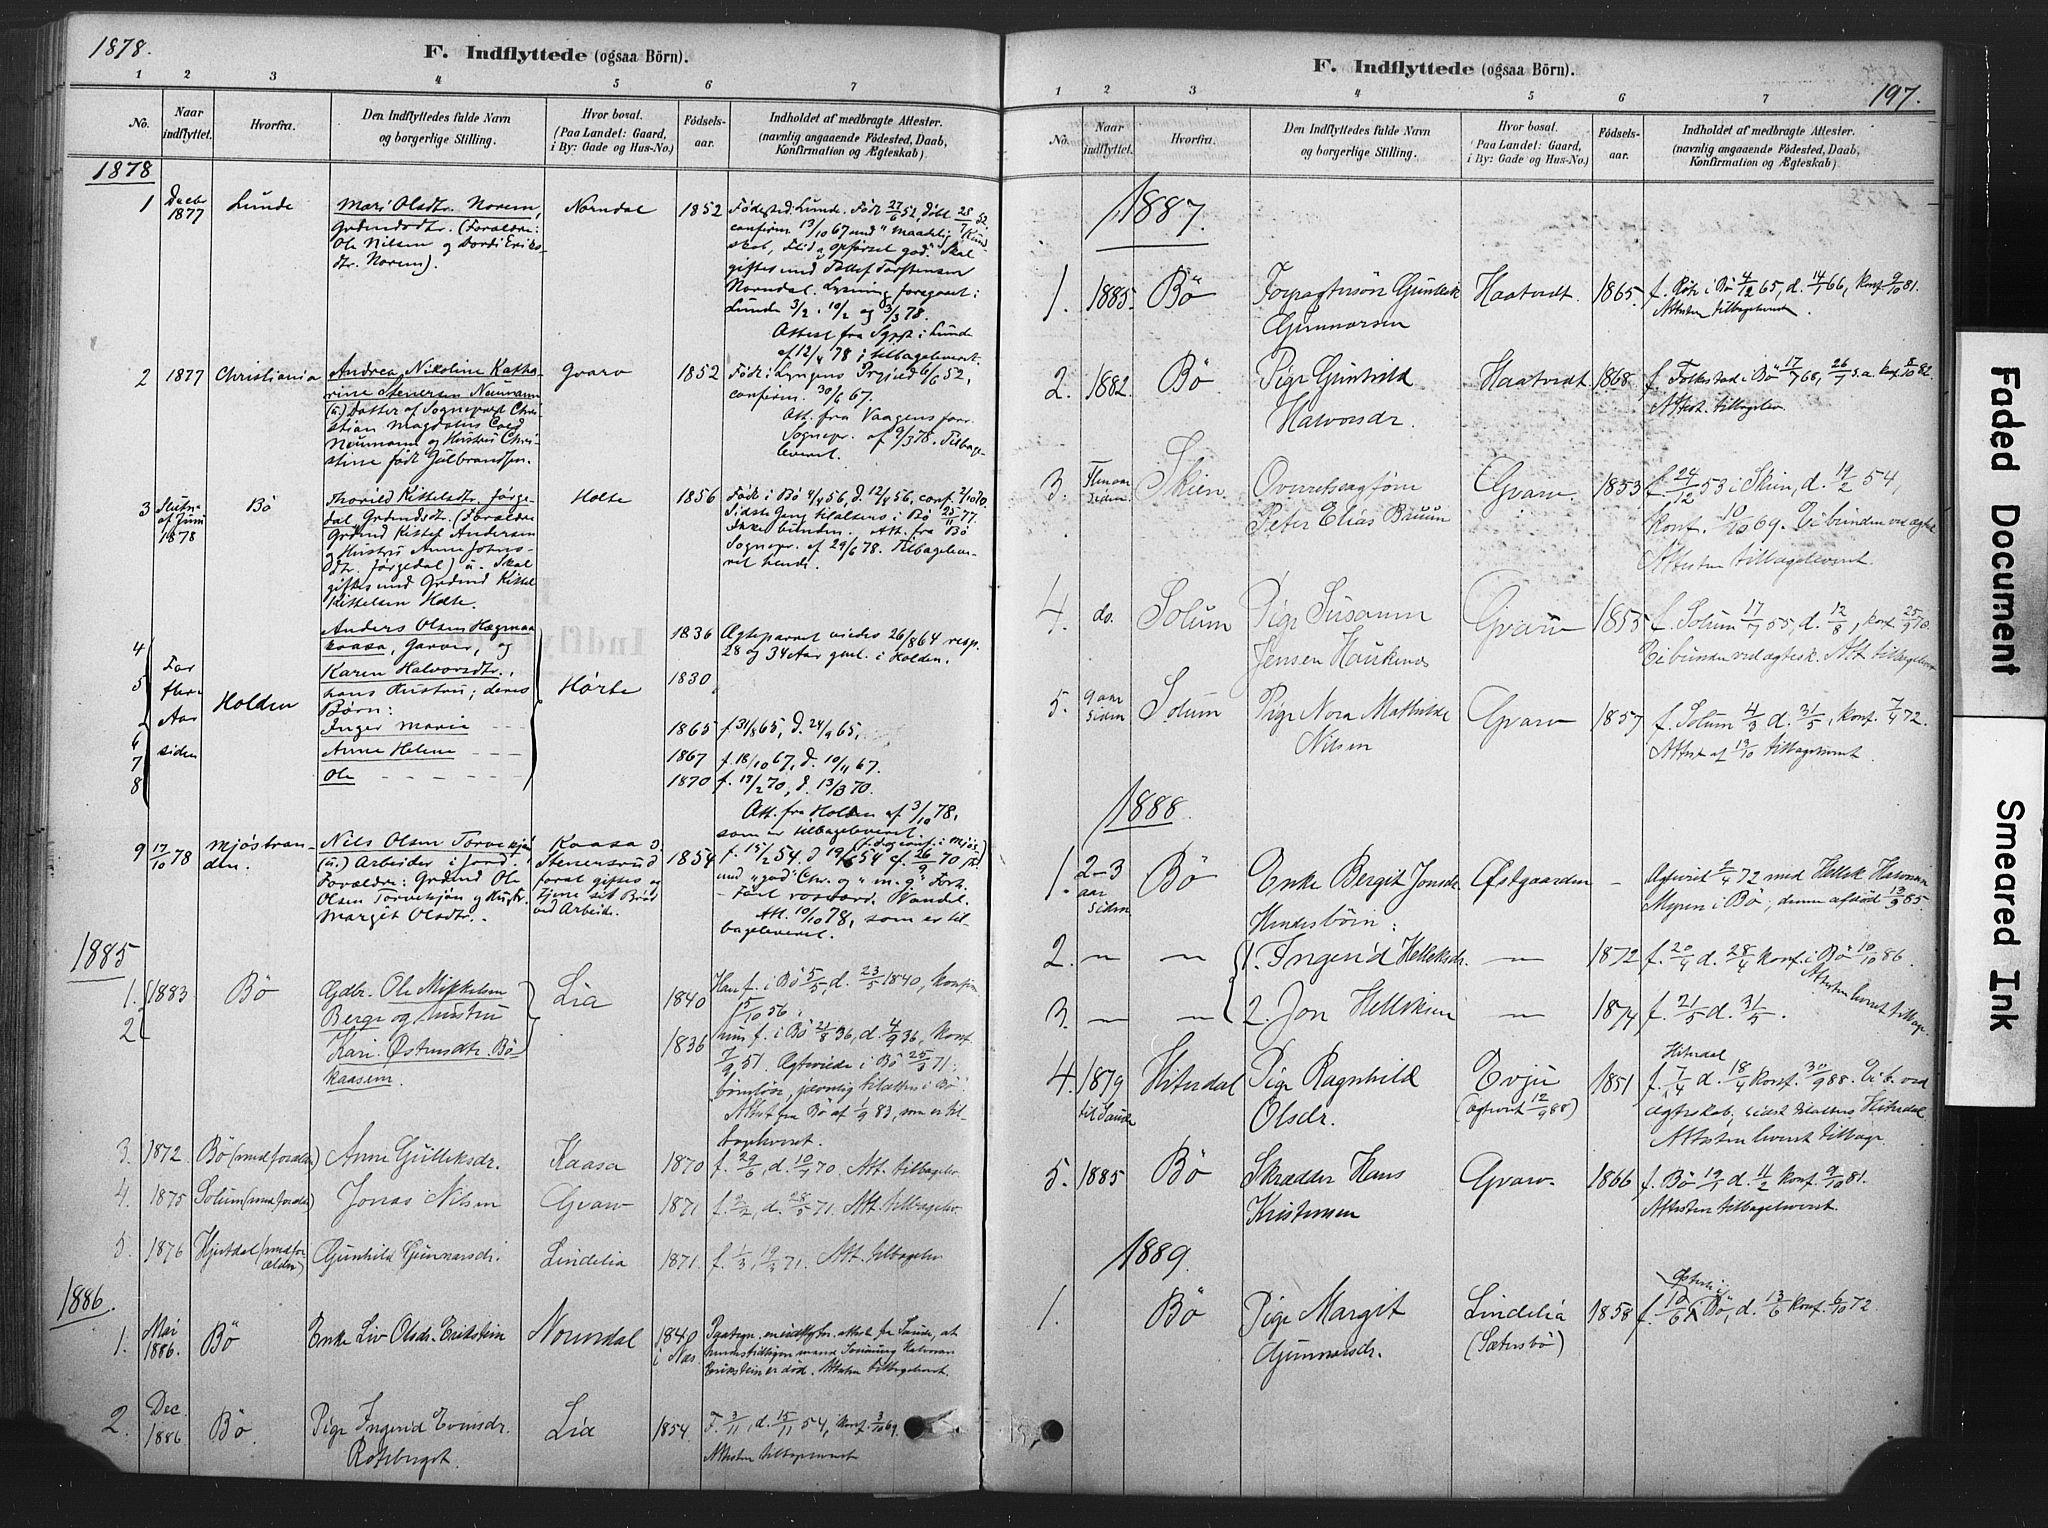 SAKO, Sauherad kirkebøker, F/Fb/L0002: Ministerialbok nr. II 2, 1878-1901, s. 197